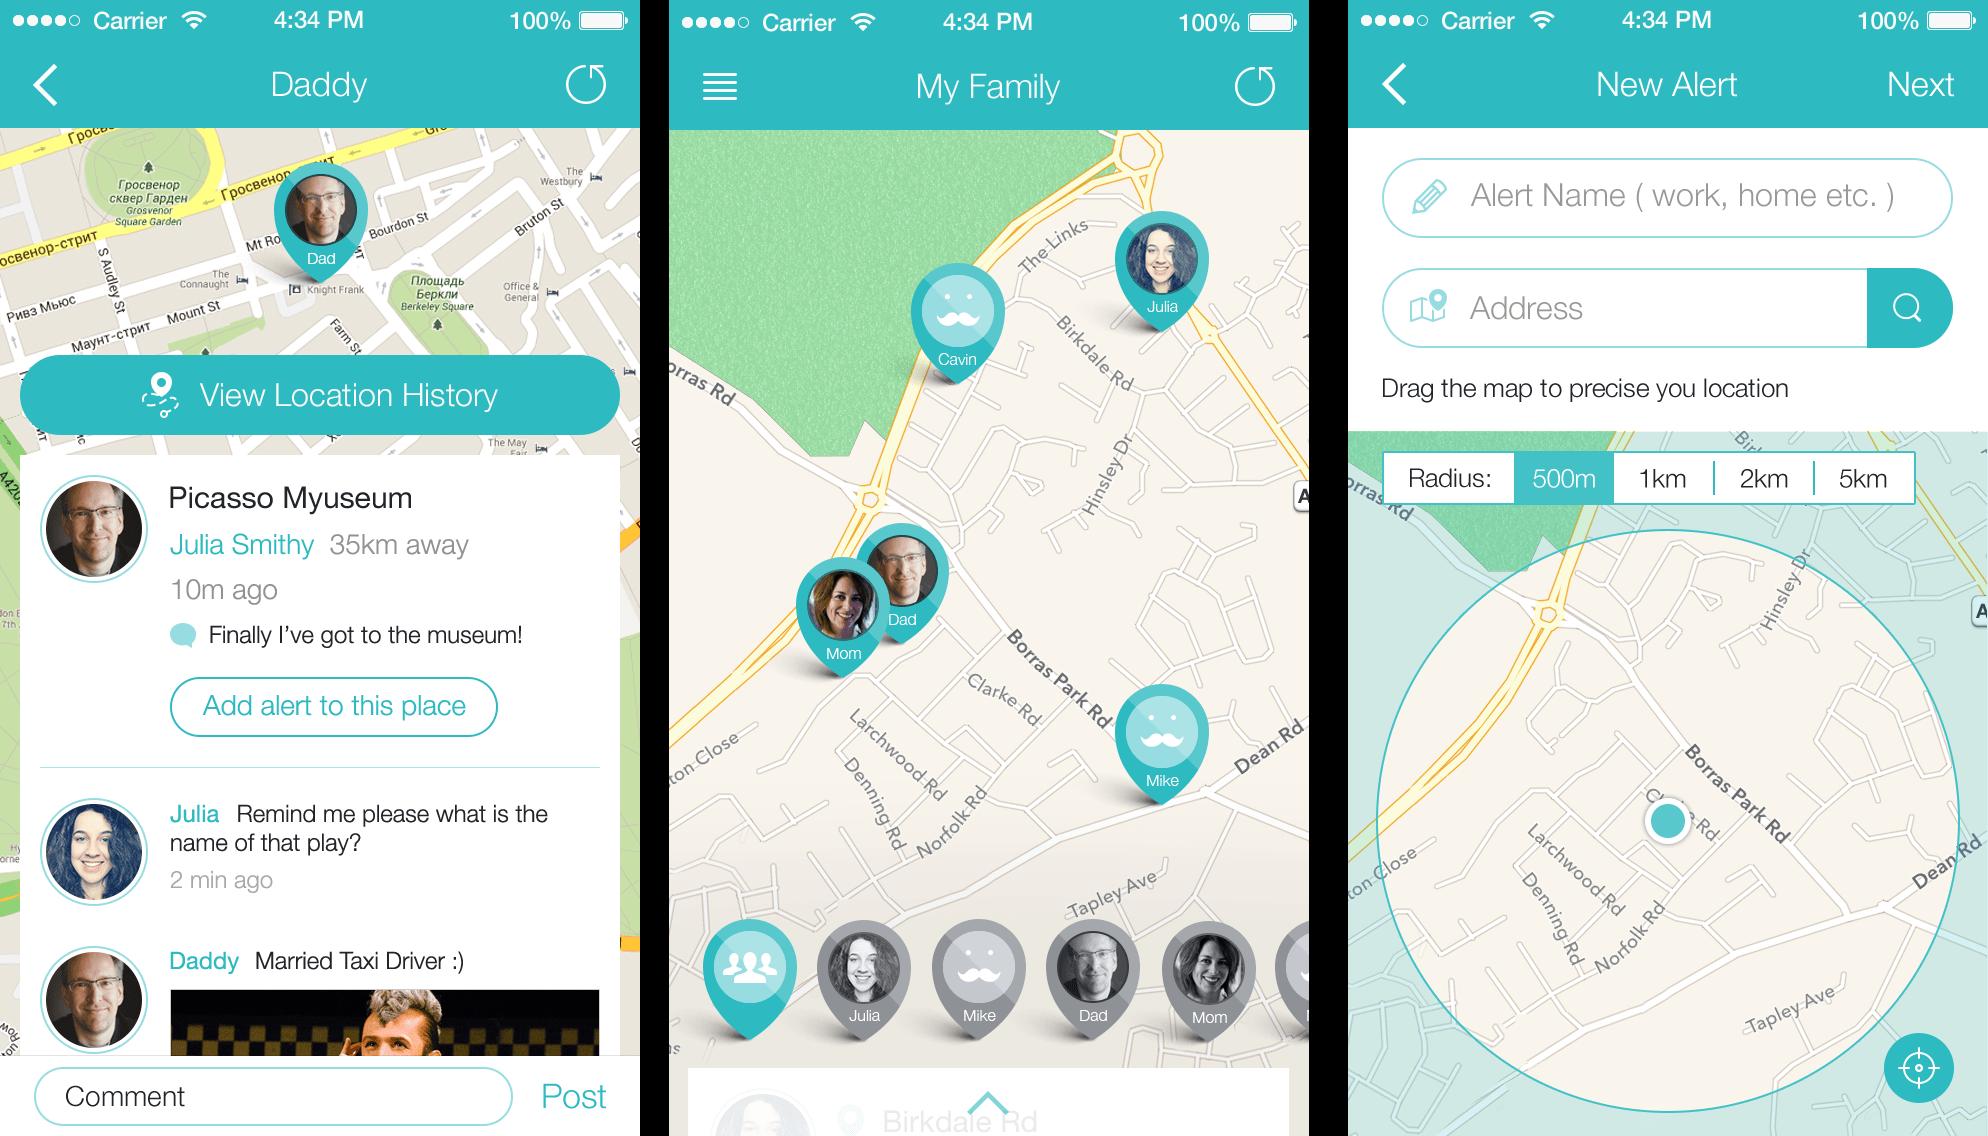 Как отслеживать местоположение человека без его ведома с помощью iPhone